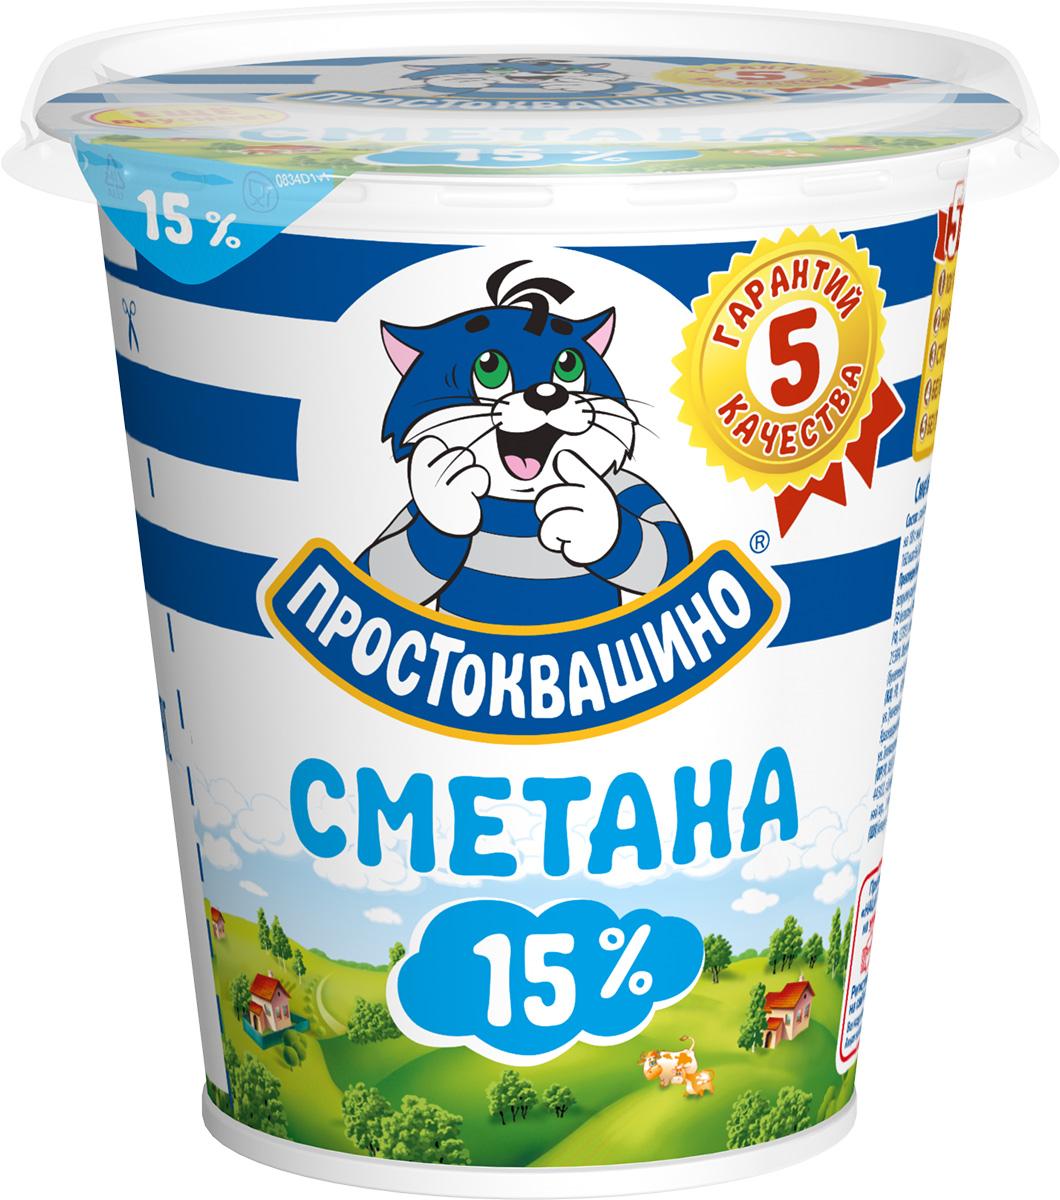 Простоквашино Сметана 15%, 315 г112458Сметана Простоквашино 15% - натуральный кисломолочный продукт, приготовленный по старинному русскому рецепту из сливок и закваски.Пищевая ценность на 100 г: жира - 15,0 г, белка - 2,7 г, углеводов - 3,6 г.Энергетическая ценность на 100 г: 160 ккал.